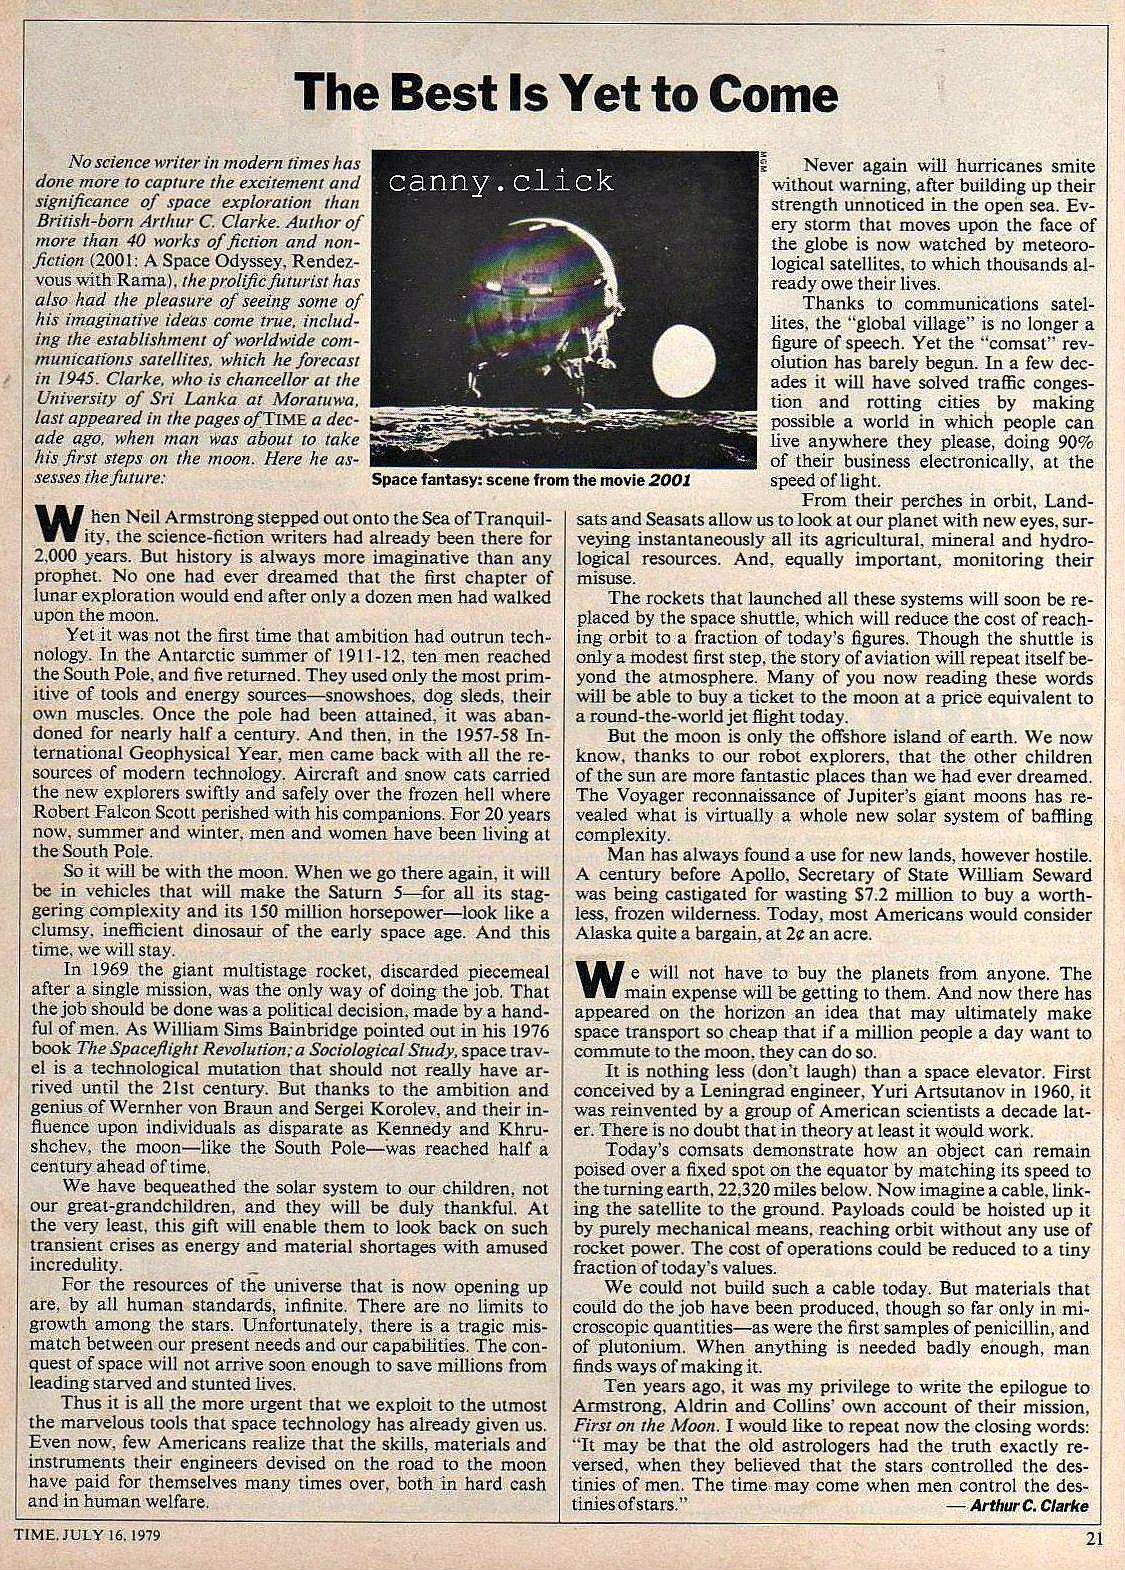 Arthur C. Clarke article